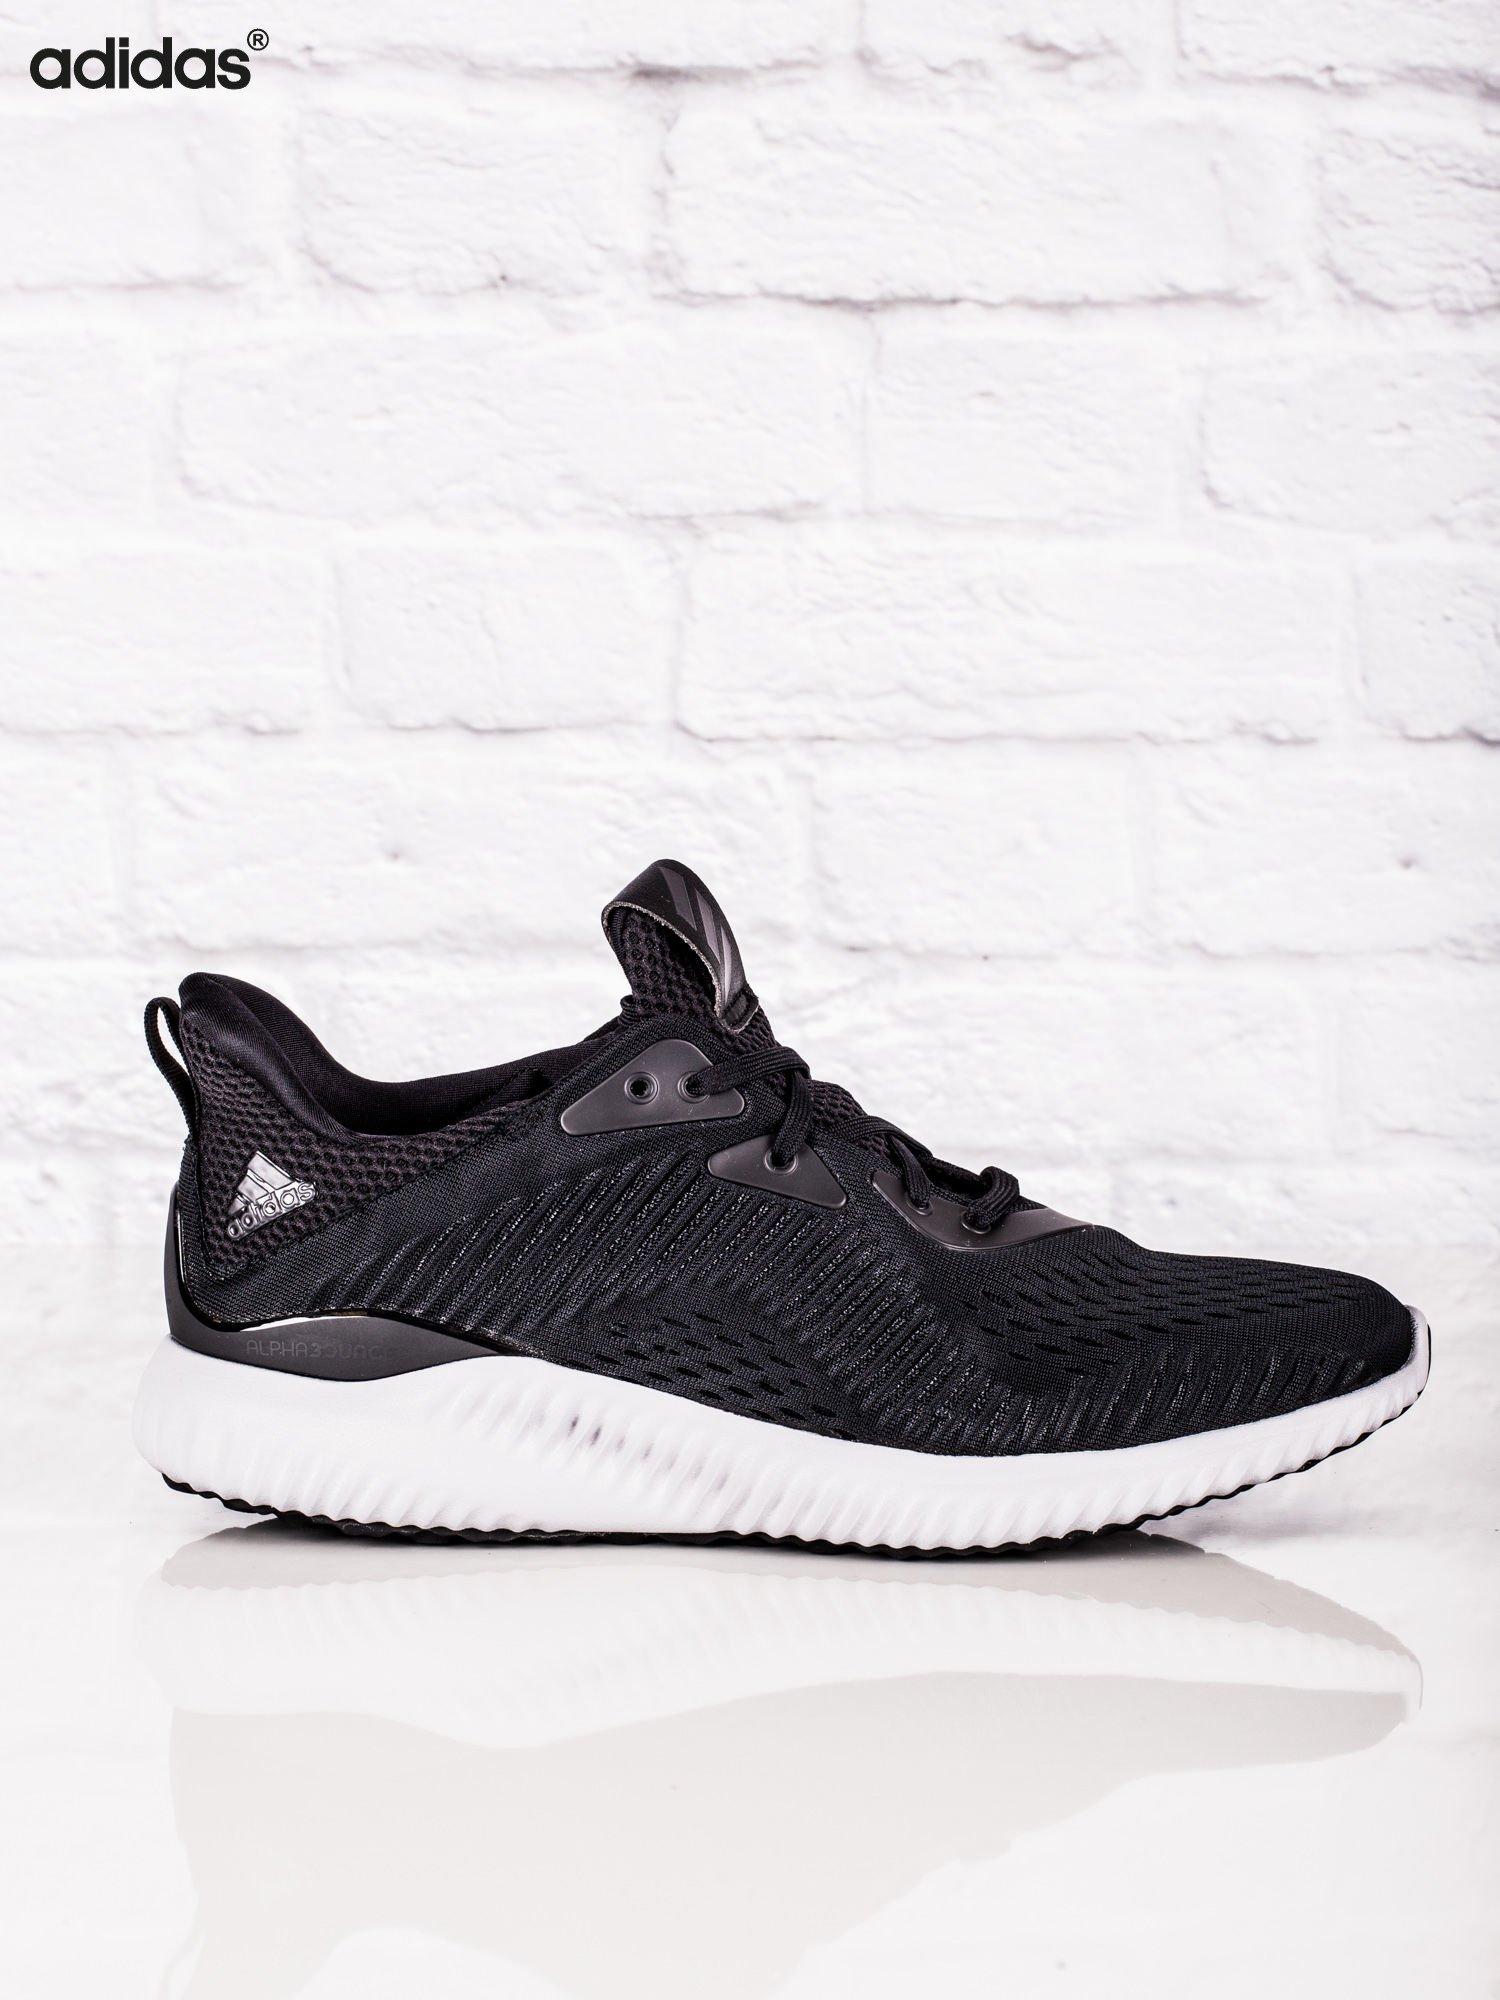 f60fc1c5a1fe9 ADIDAS Czarne męskie buty sportowe alphabounce EM - Mężczyźni Buty ...